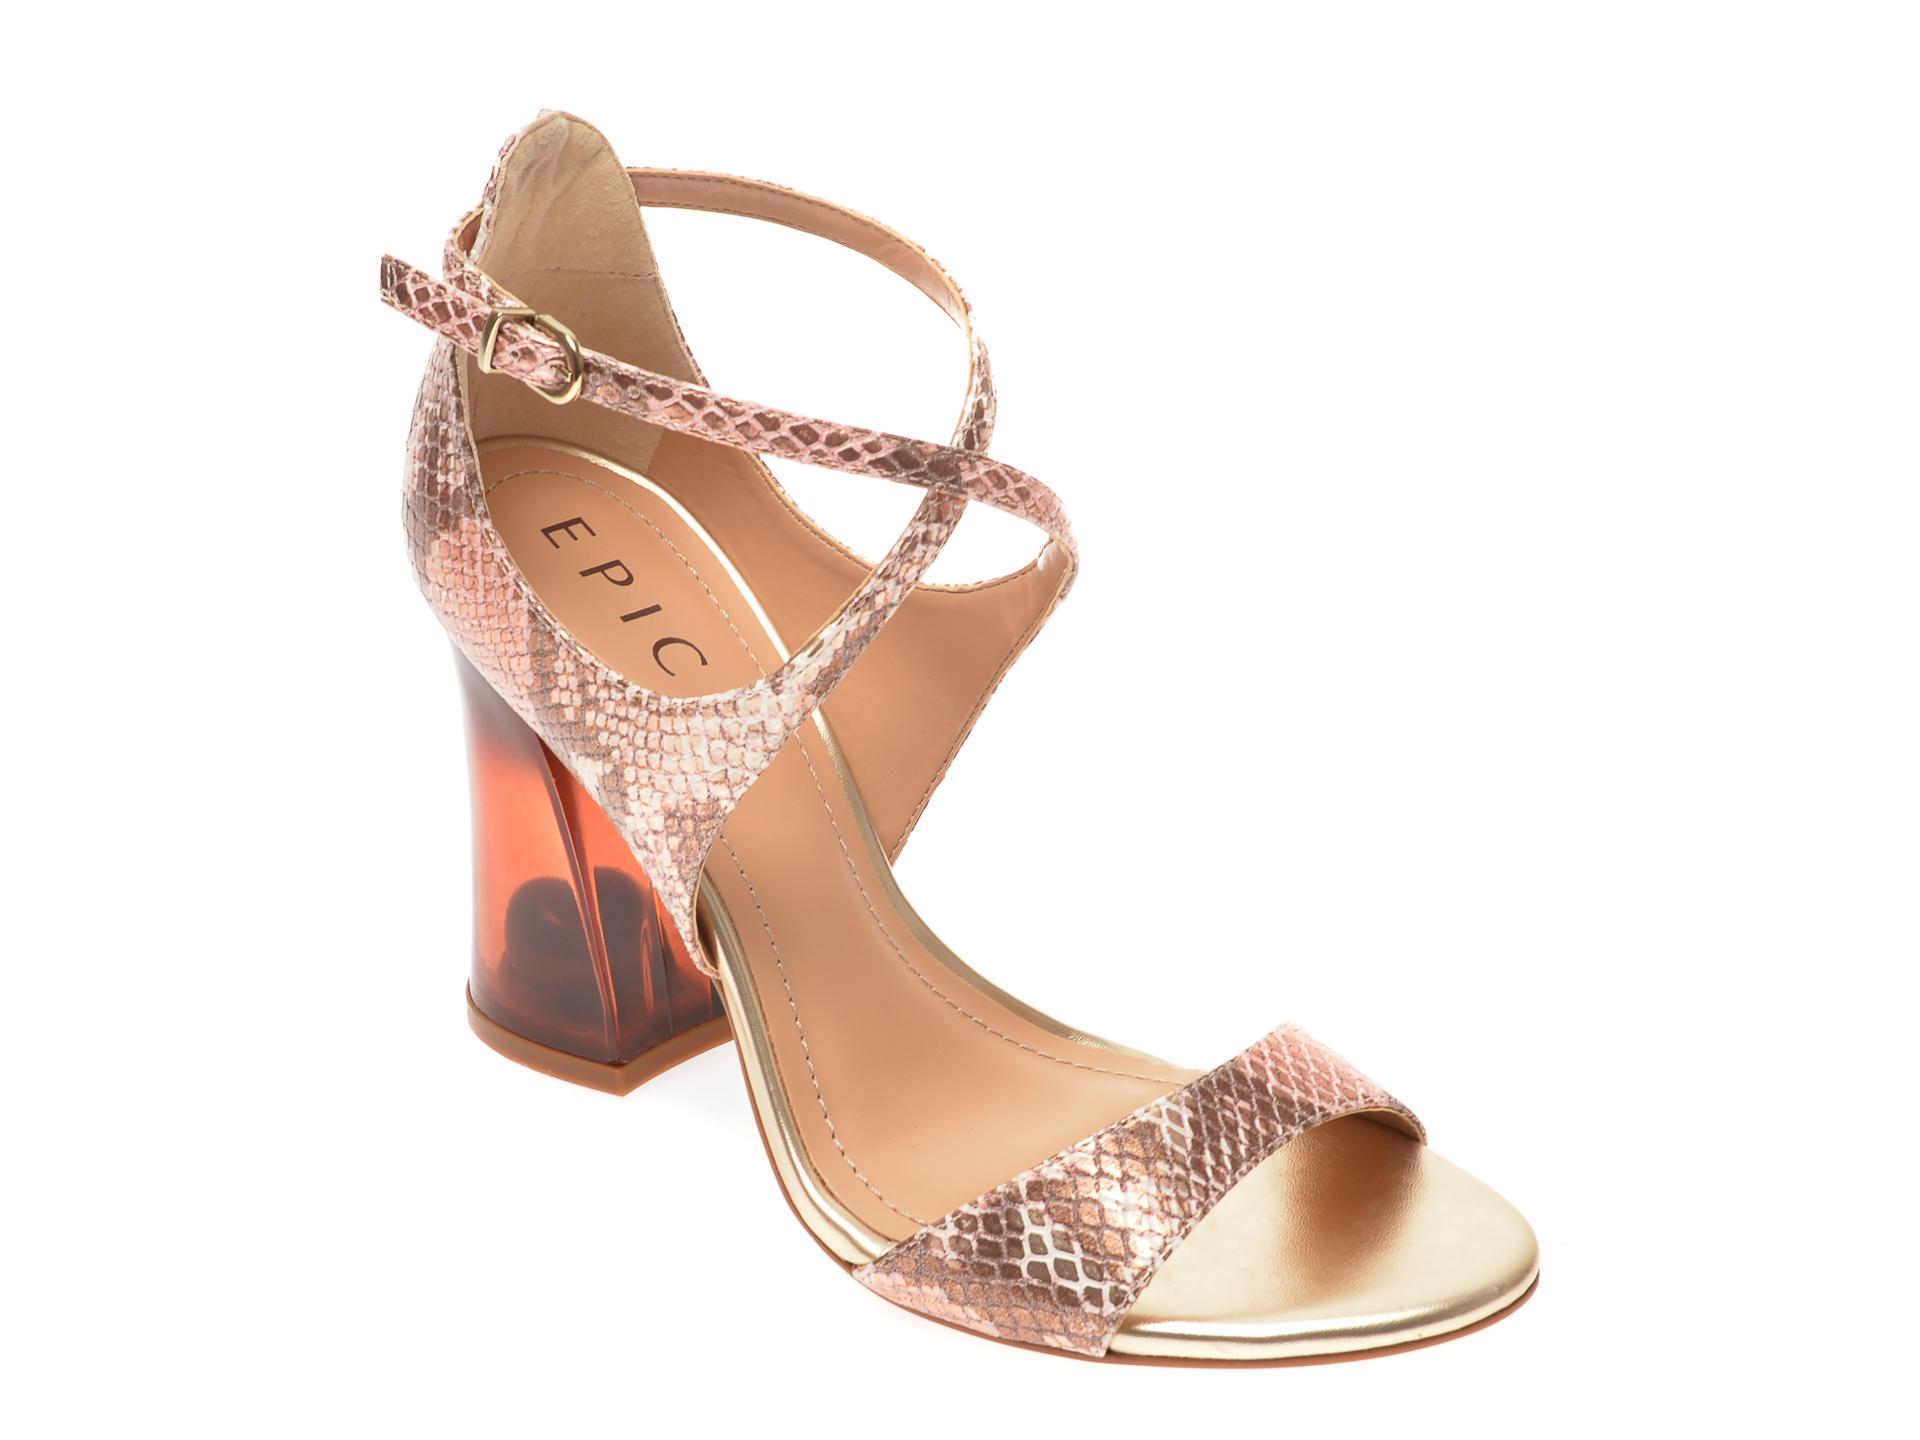 Sandale EPICA aurii, 920321, din piele ecologica